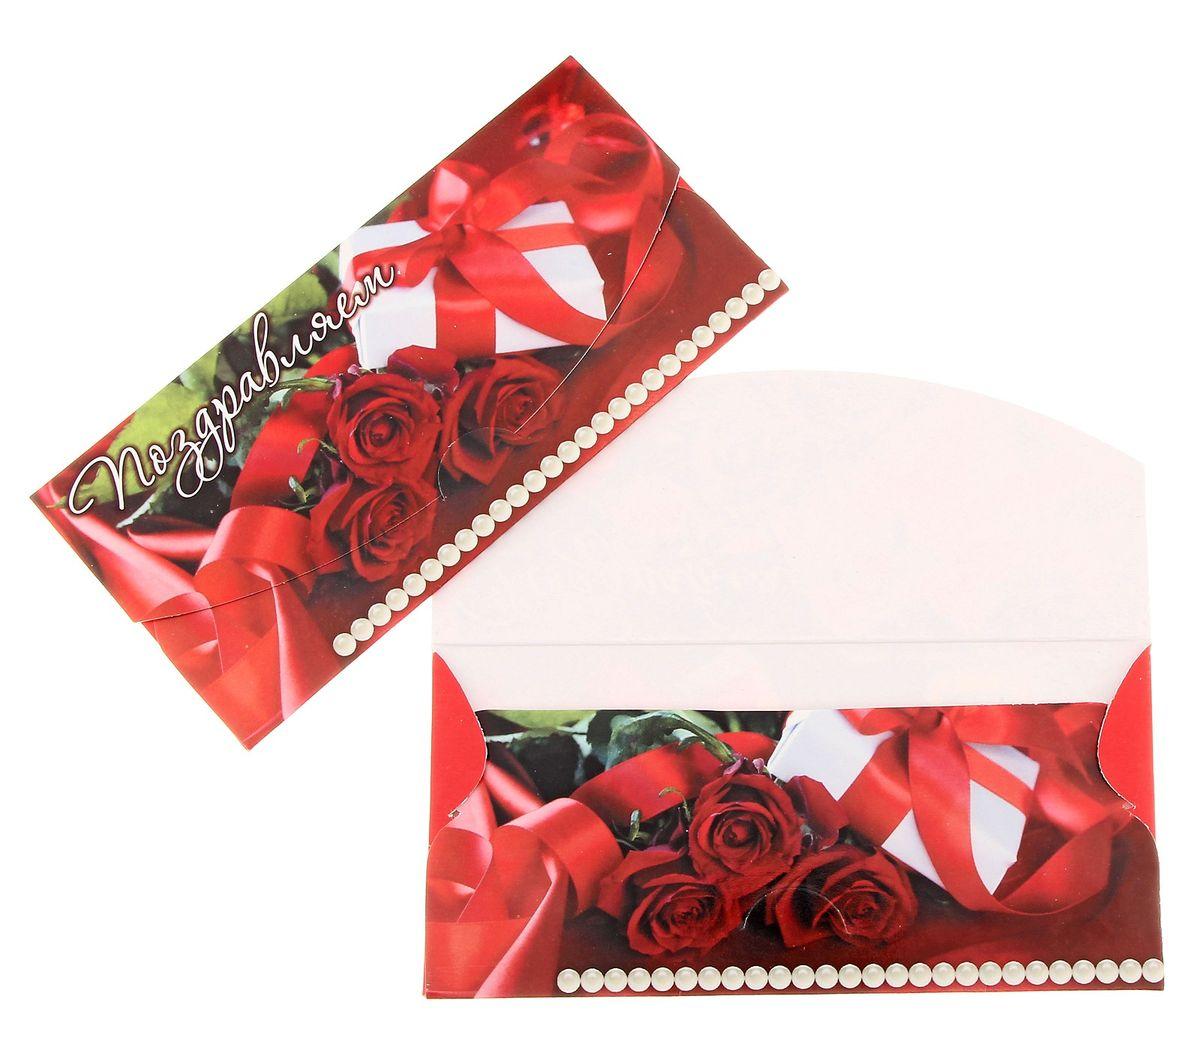 Конверт для денег Гелий Поздравляем! Розы. 332577332577Конверт для денег Гелий Поздравляем! Розы выполнен из плотного картона и украшен яркой картинкой, с изображением букета цветов и подарка. Это необычная красивая одежка для денежного подарка, а так же отличная возможность сделать его более праздничным и создать прекрасное настроение!